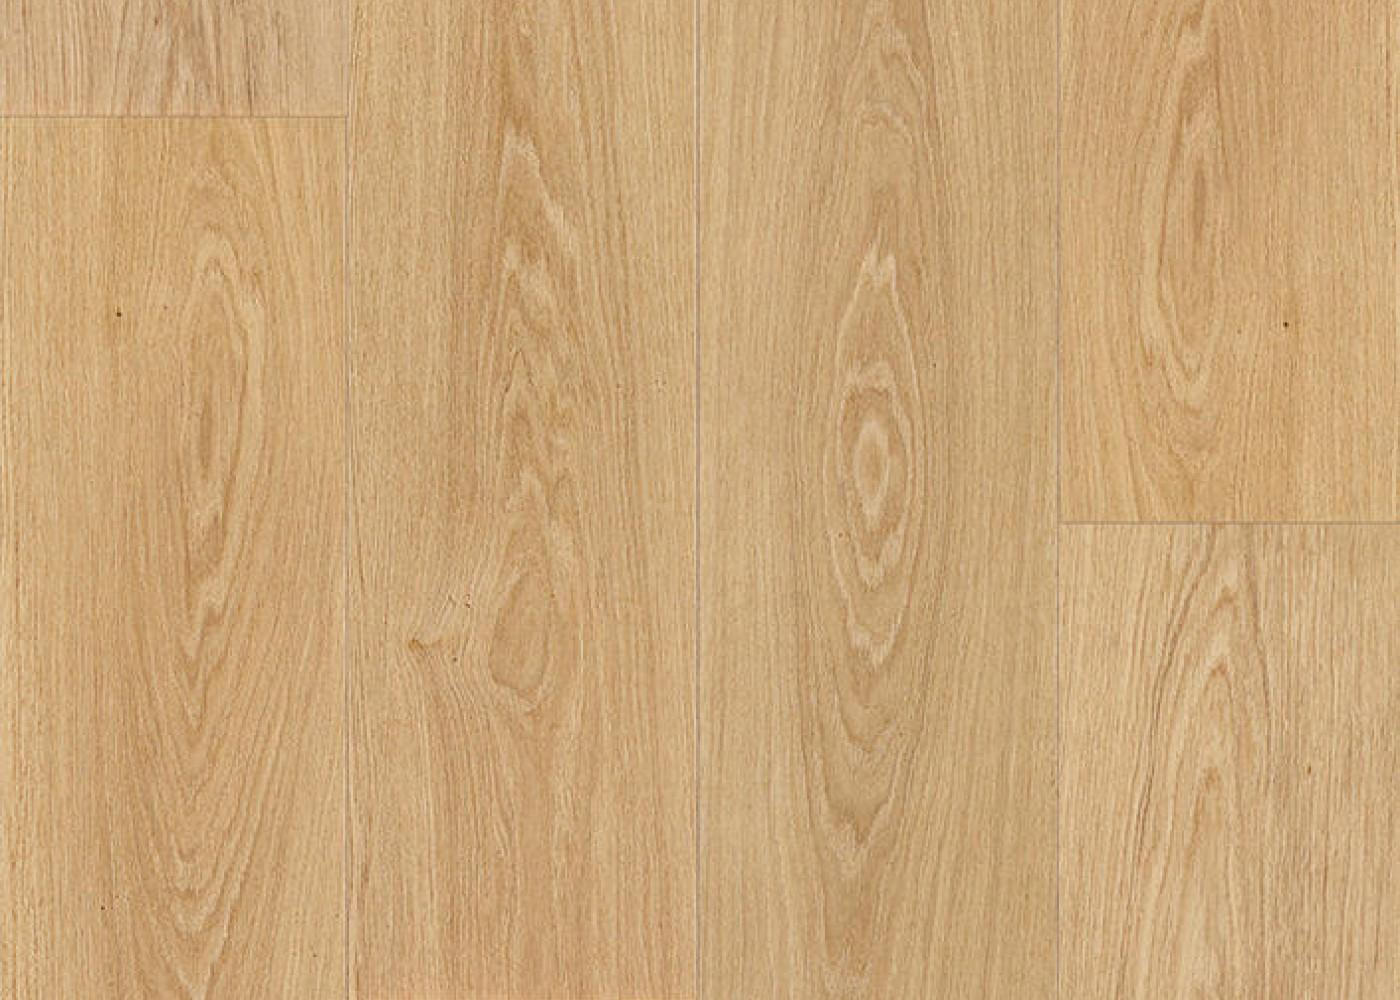 Vinyle rigide Chêne Galettes au Beurre passage commercial 4.5x225x1524